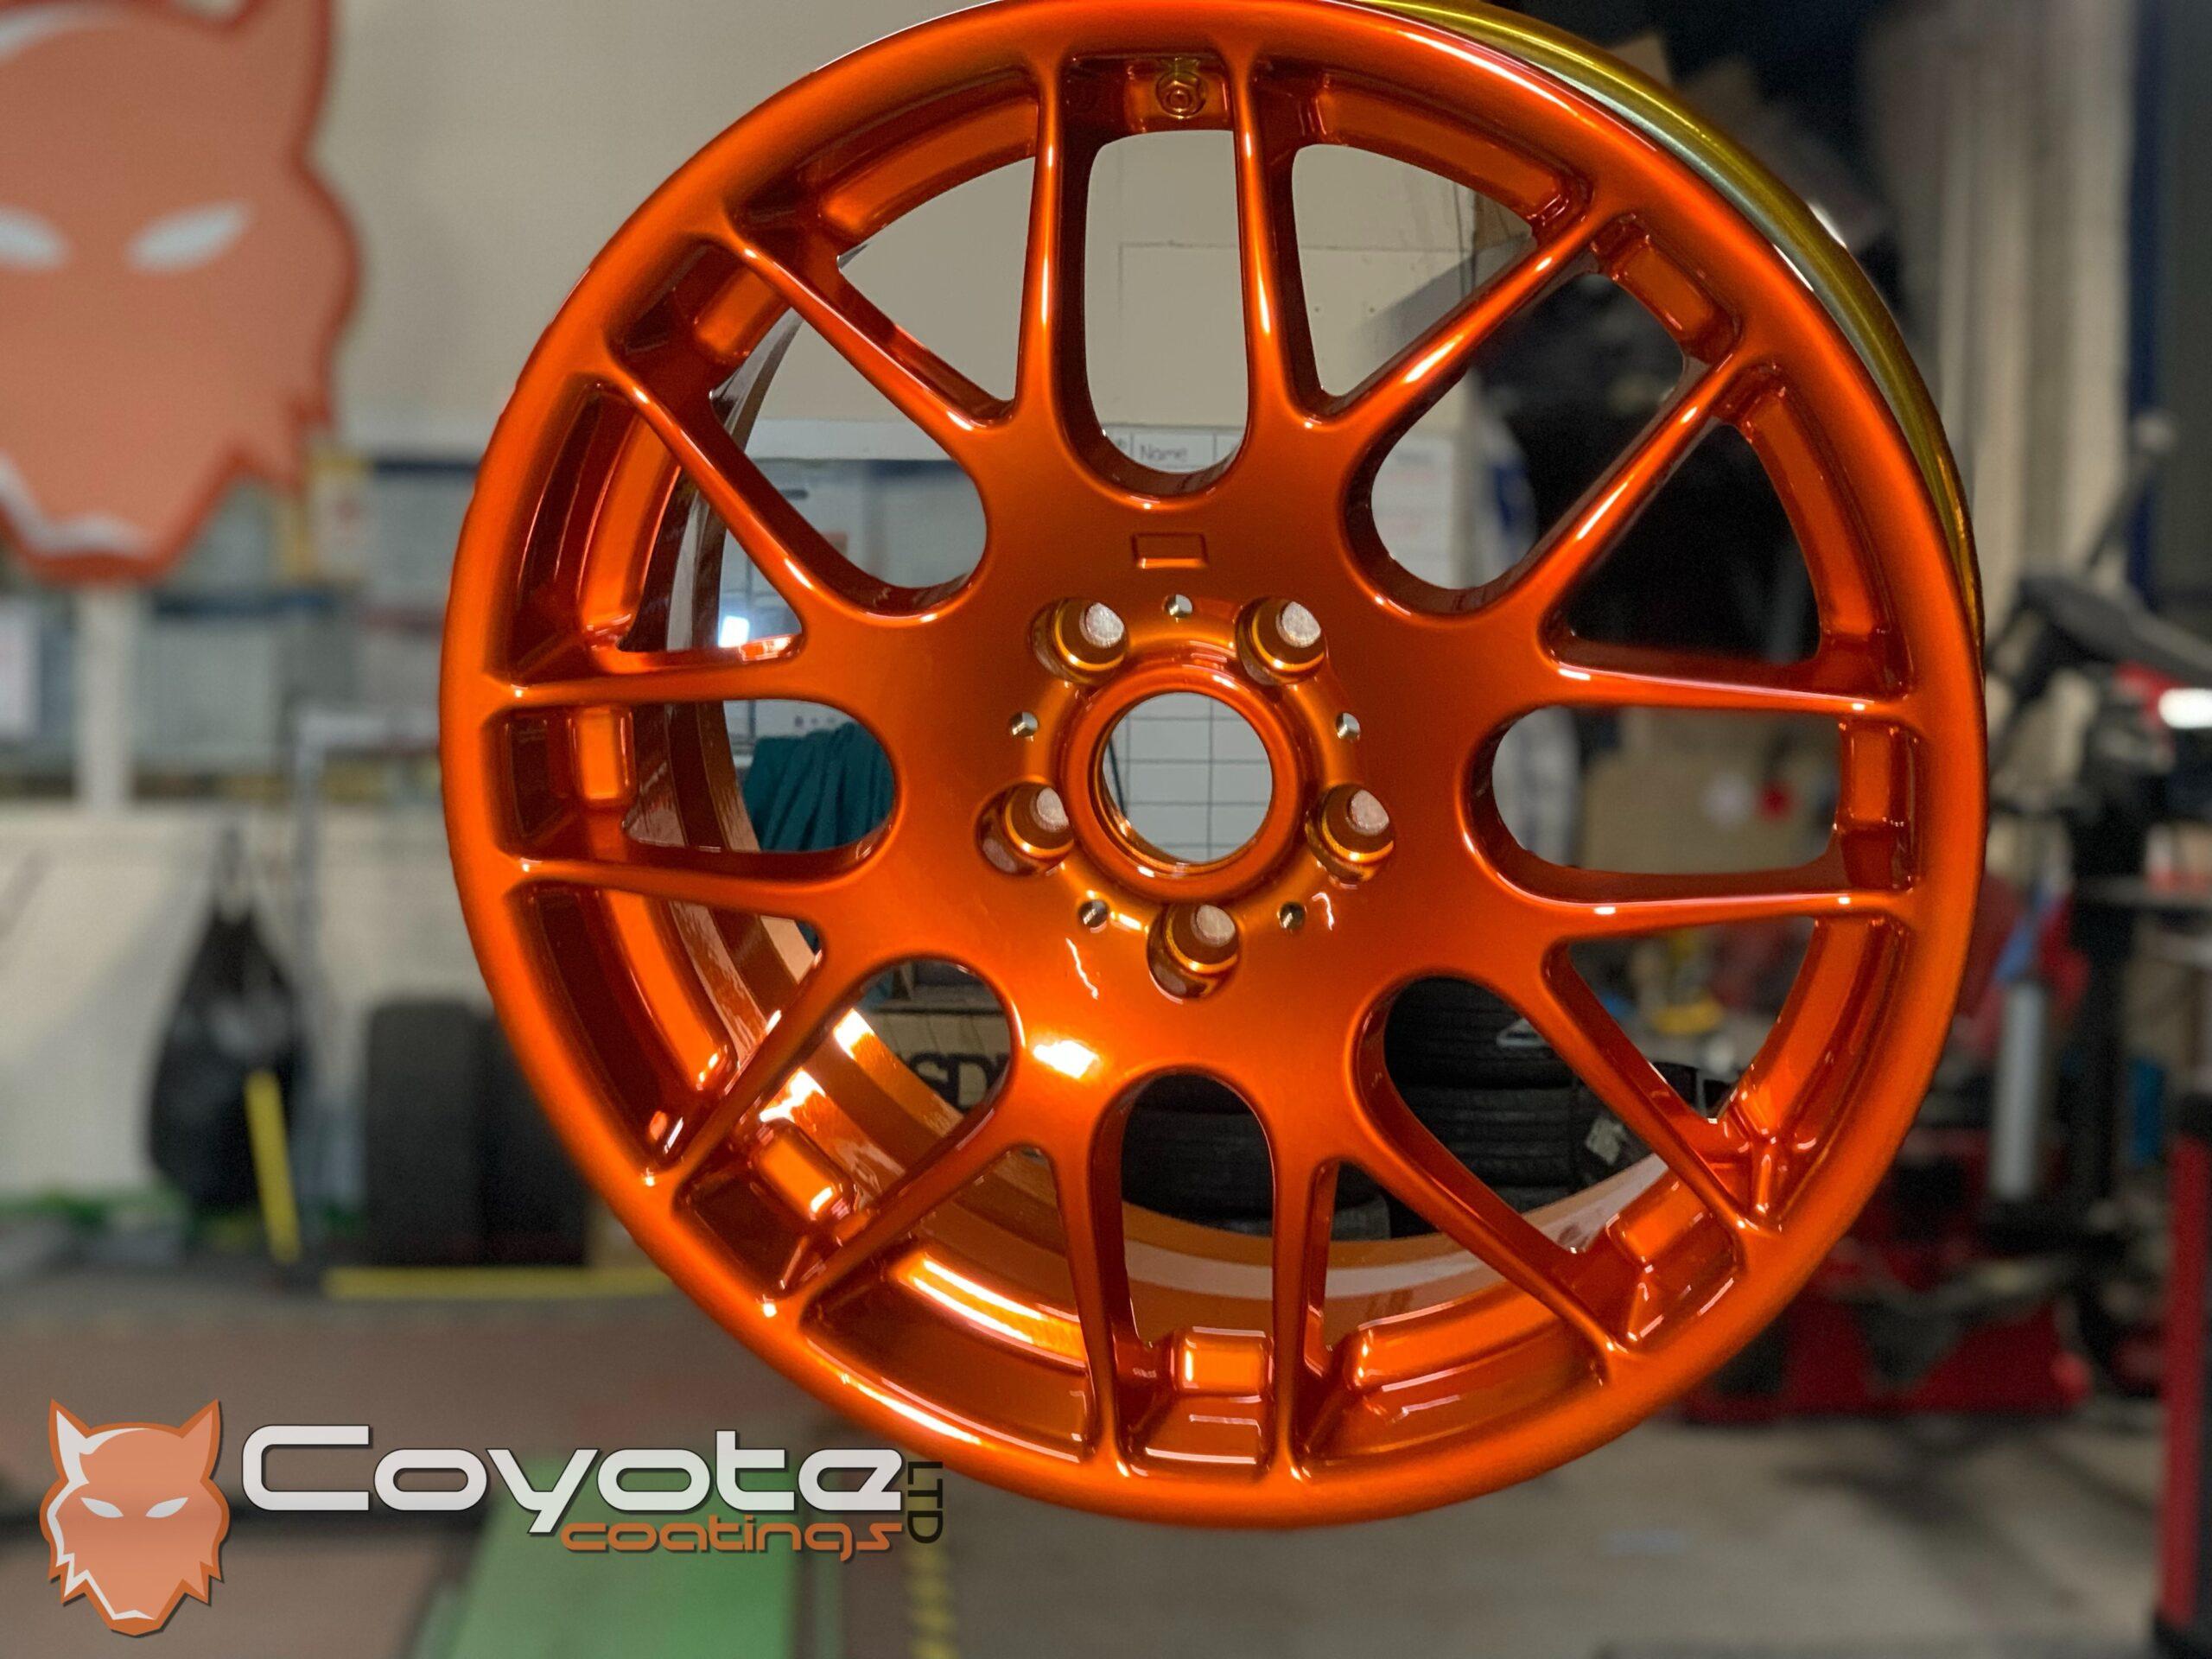 Powder Coated Candy Orange